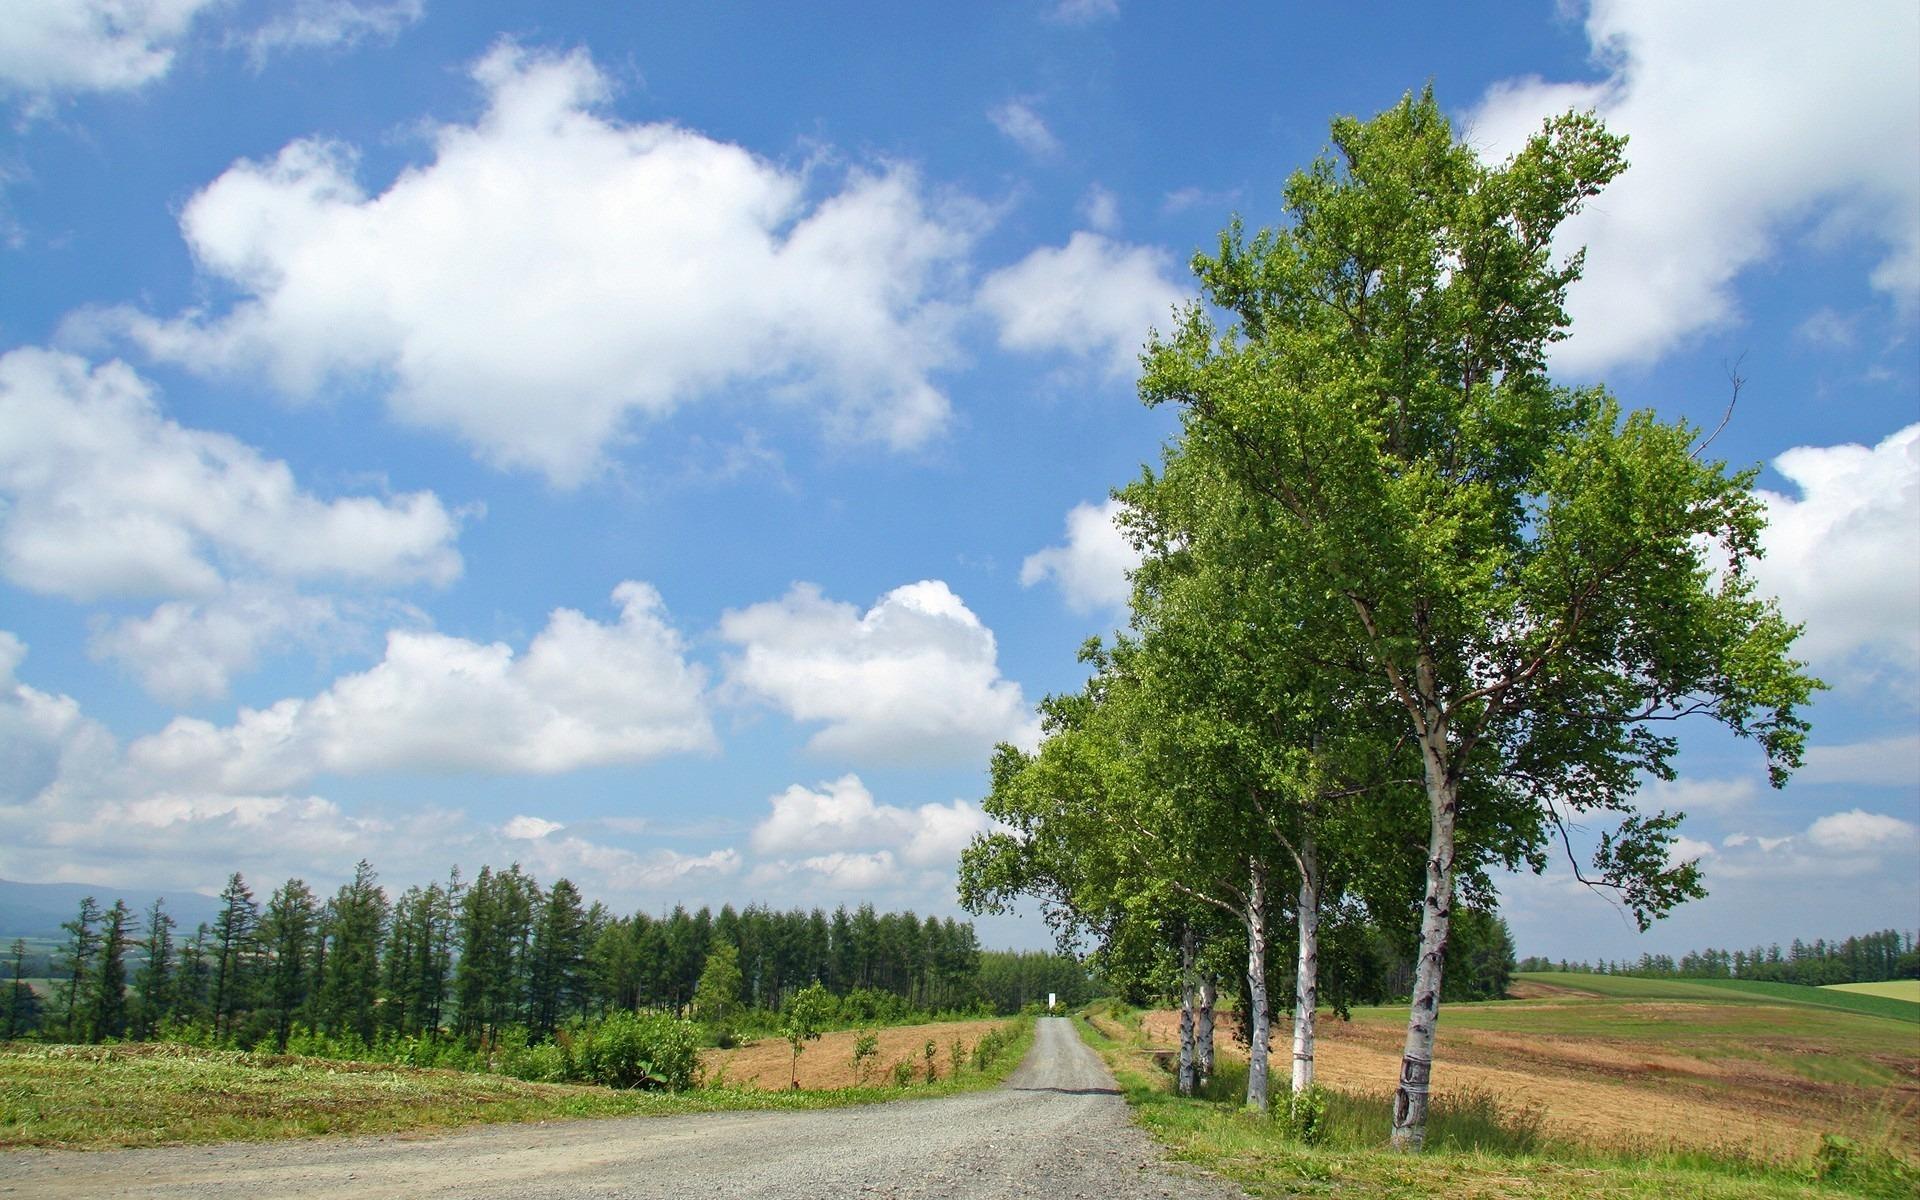 березы дорога зелень лето скачать